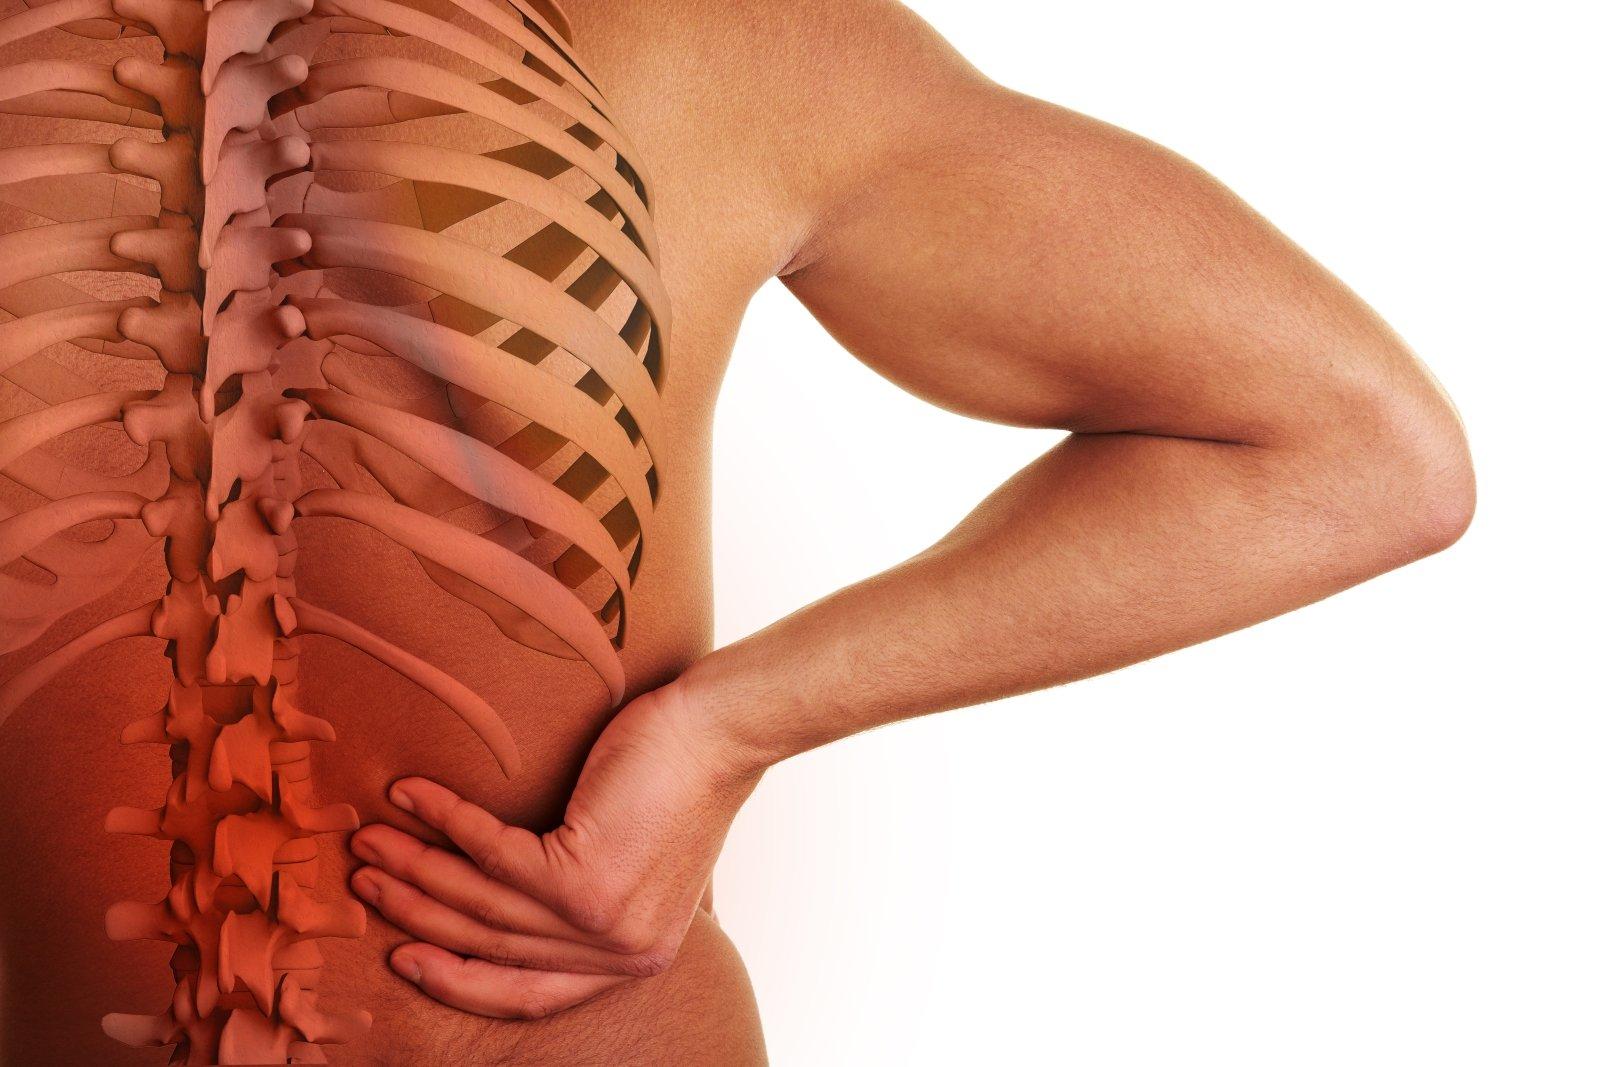 Anca tenendo la mano con la colonna vertebrale visibile e il centro del dolore alla schiena